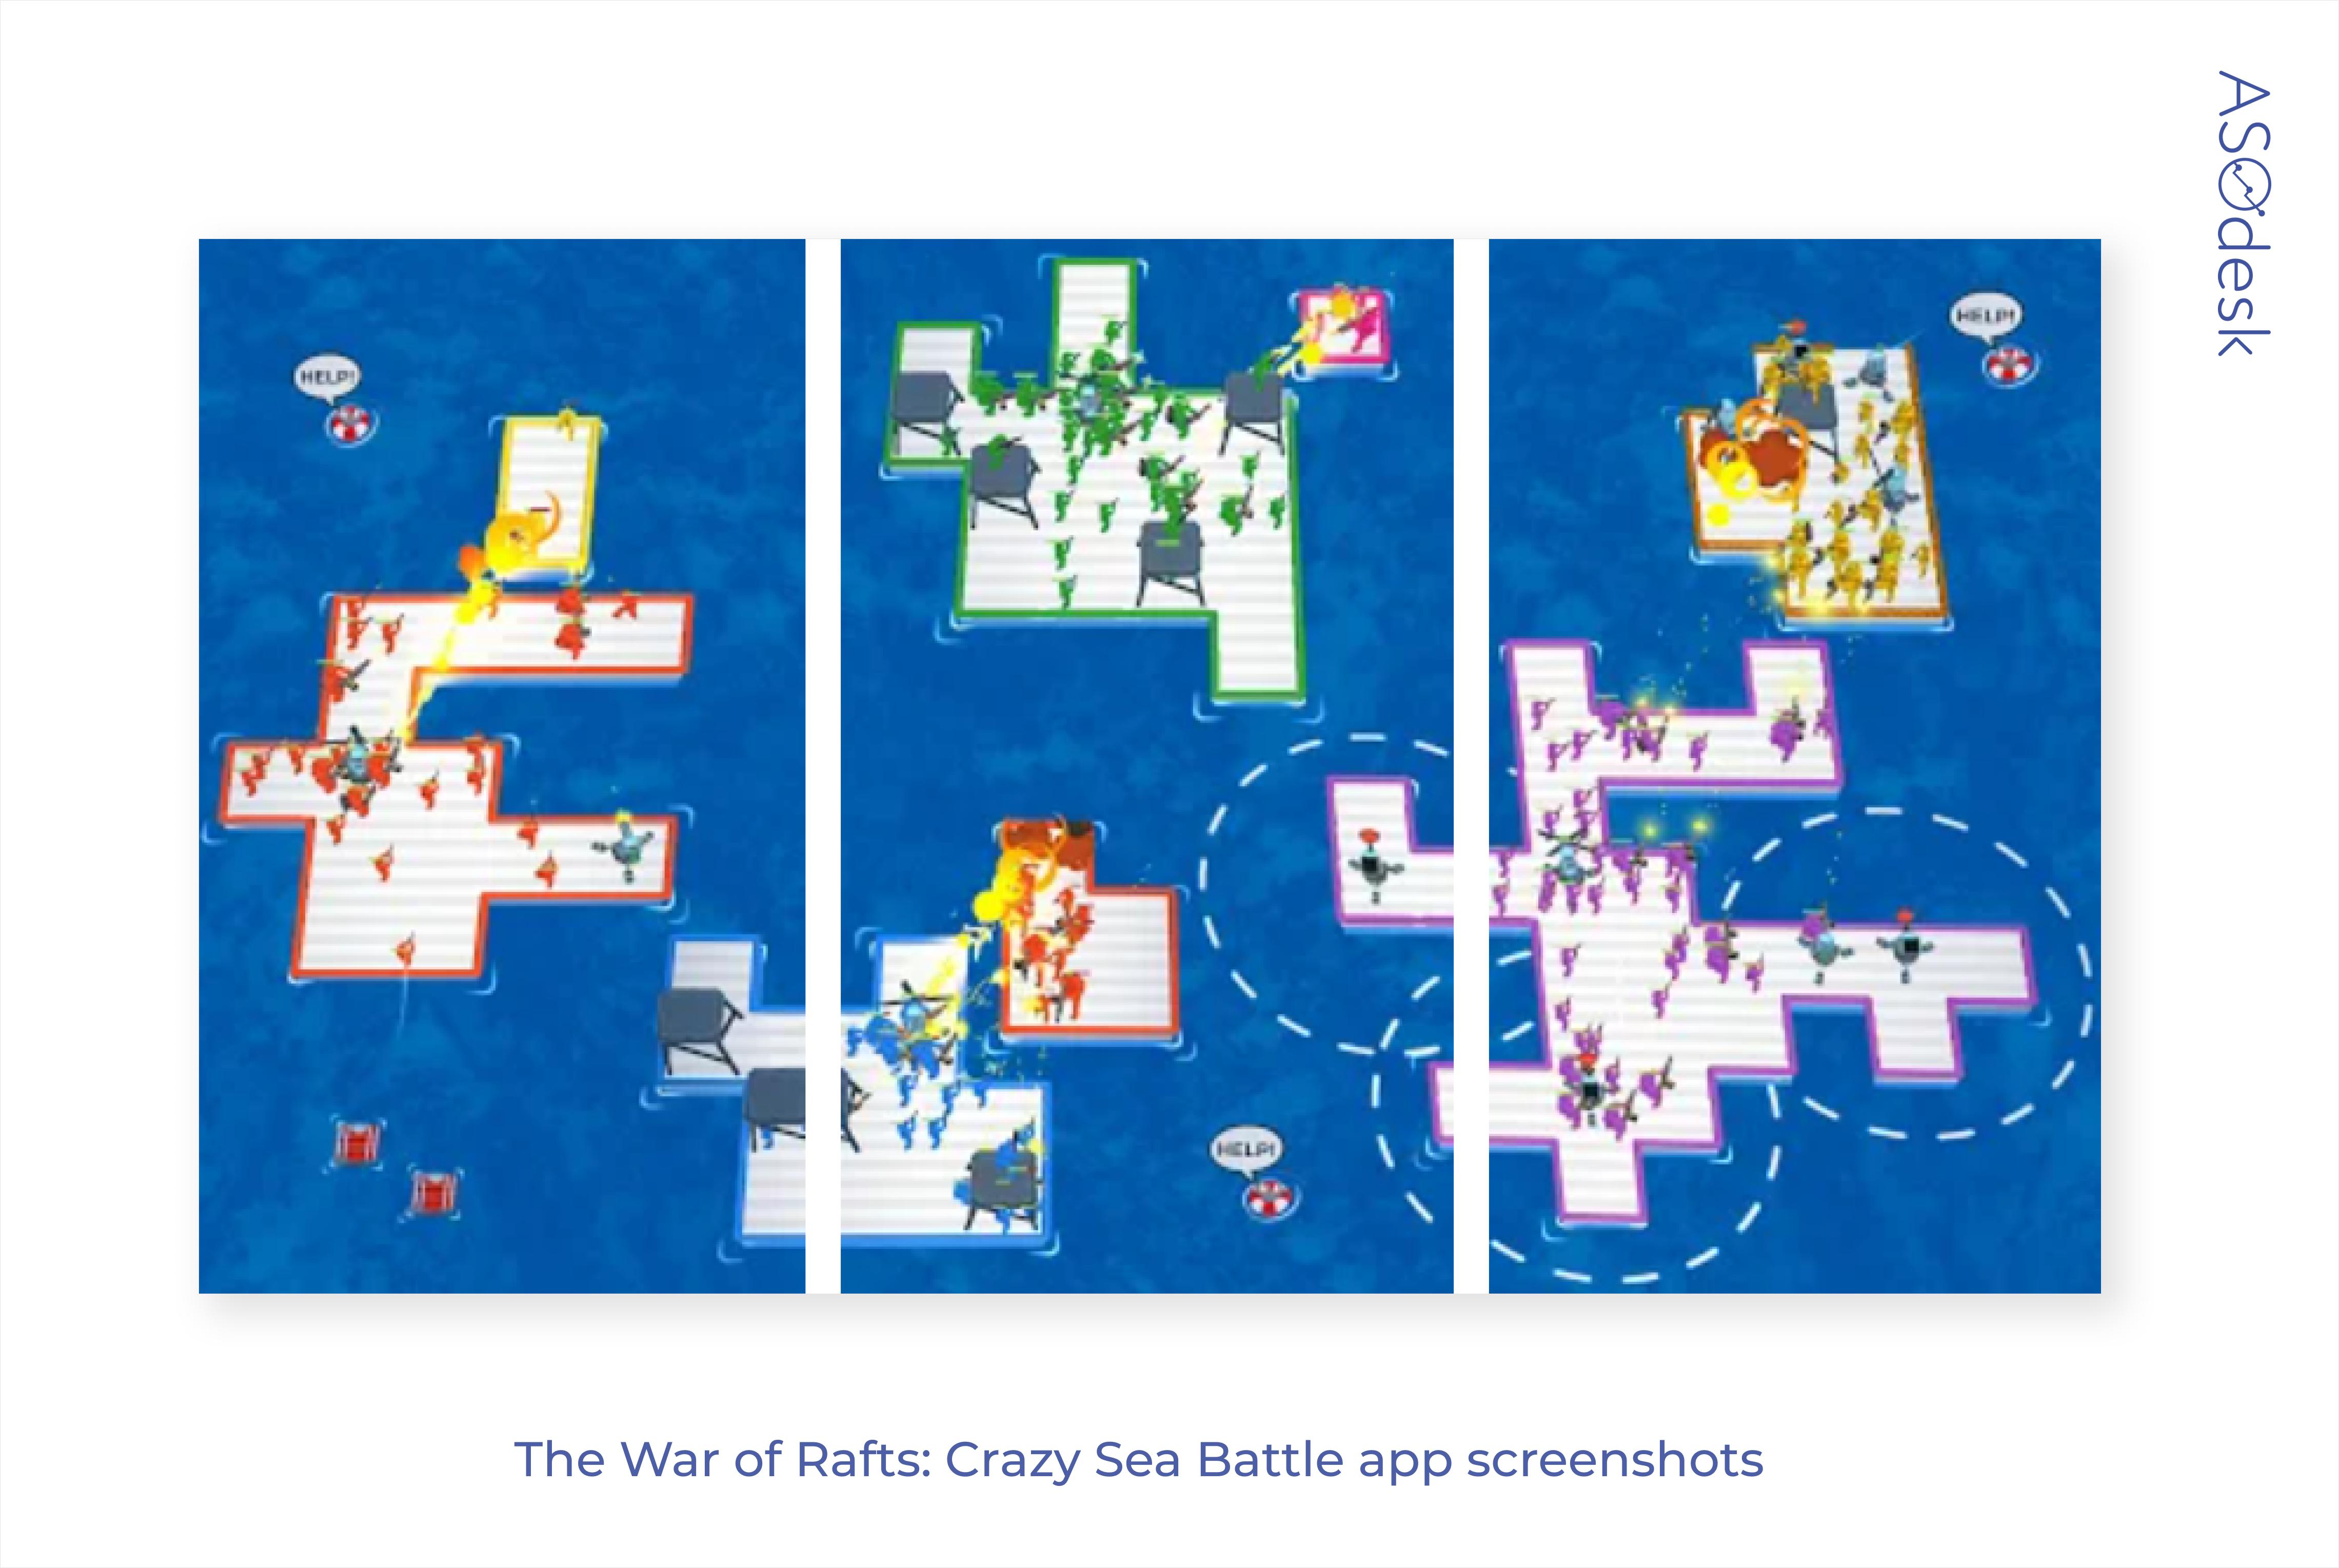 Gaming app screenshots